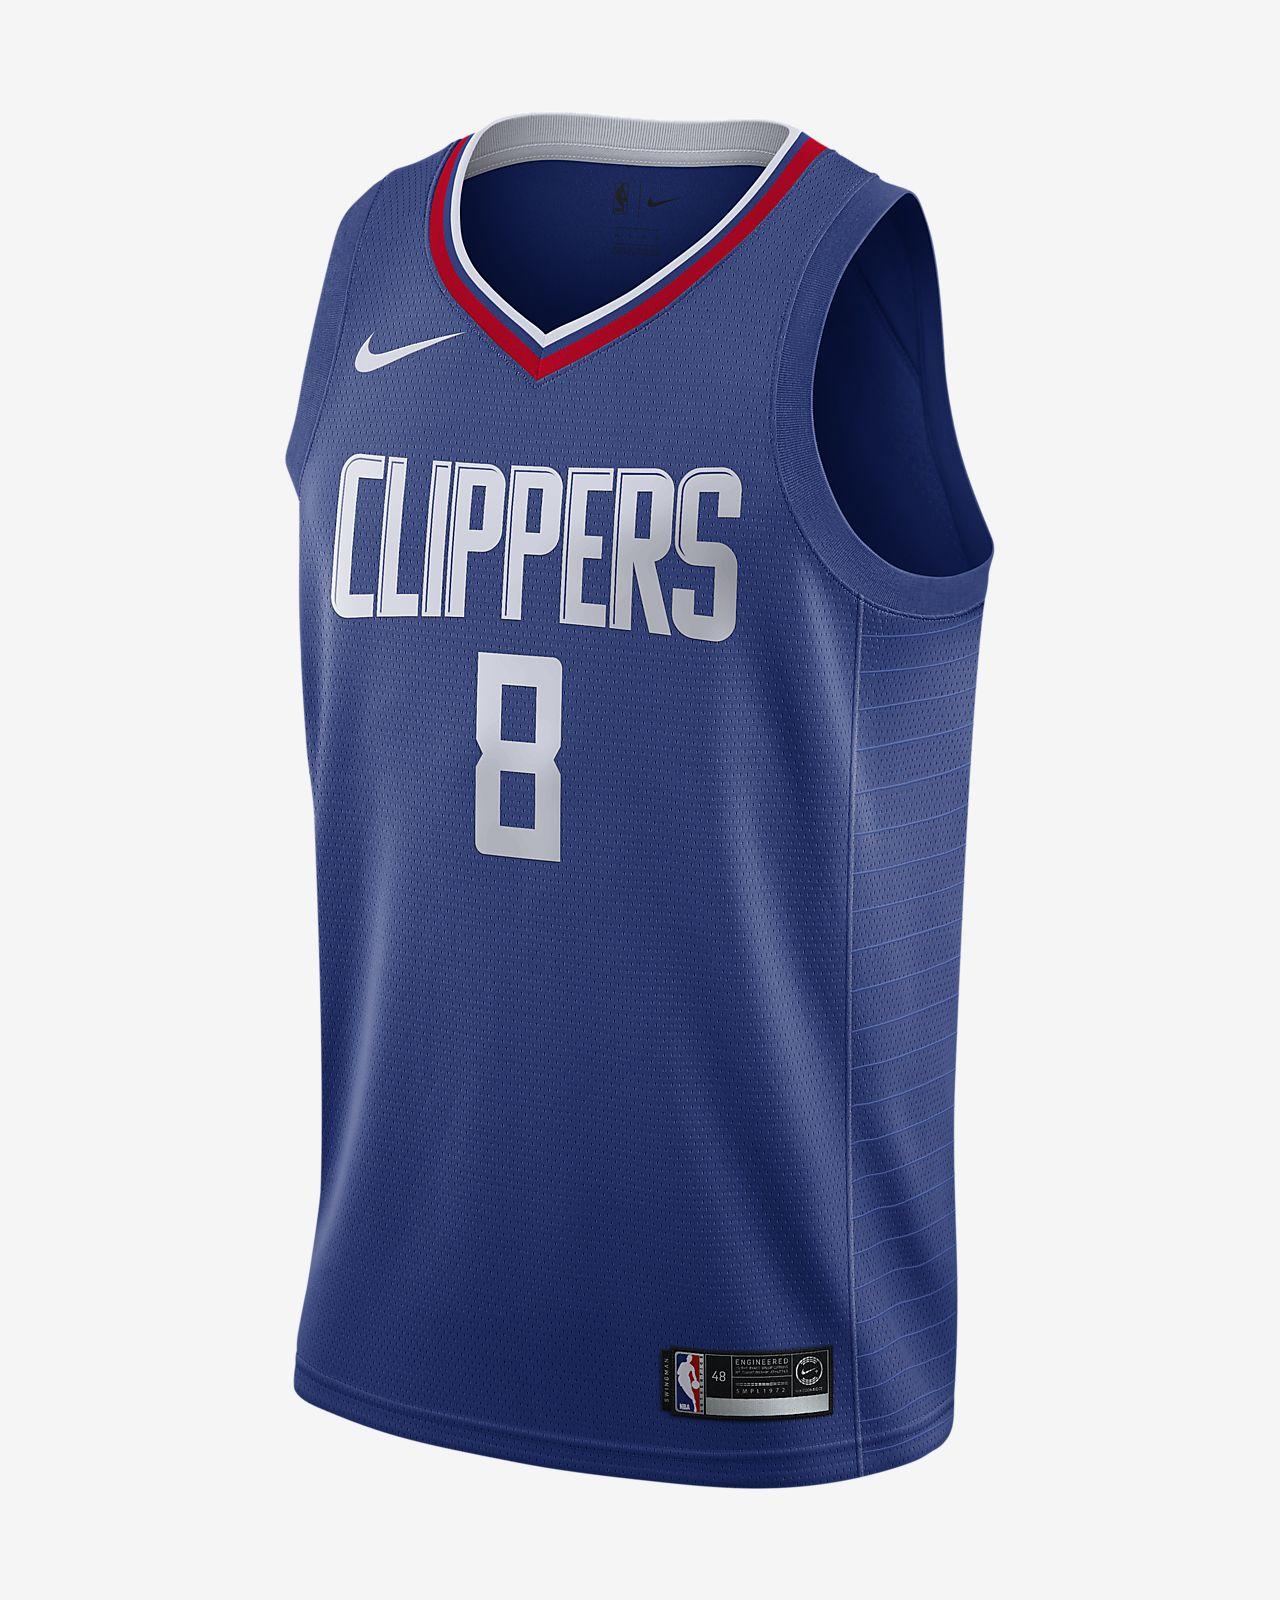 Dres Nike NBA Swingman Danilo Gallinari Clippers Icon Edition